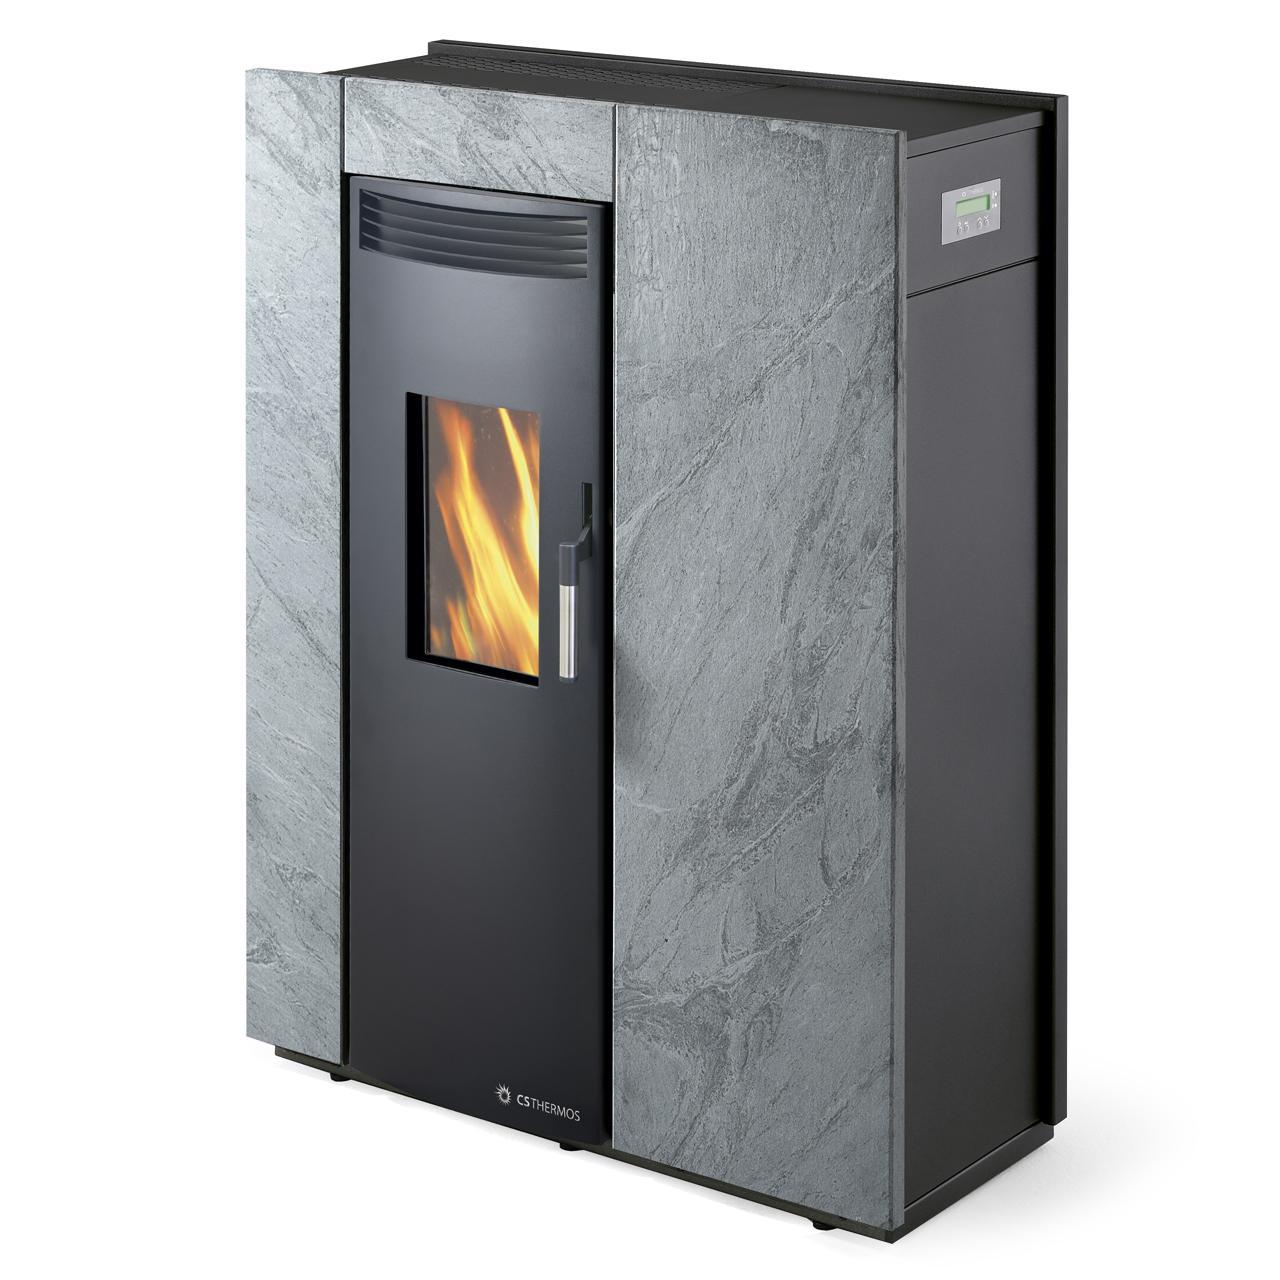 Tipologia: Stufa; Combustibile: Pellet, Pellet/Biomassa; Rivestimento:  Metallo, Pietra; Potenza: 3 ÷ 10 KW; Volume Riscaldabile: 86 ÷ 280 M³ ...